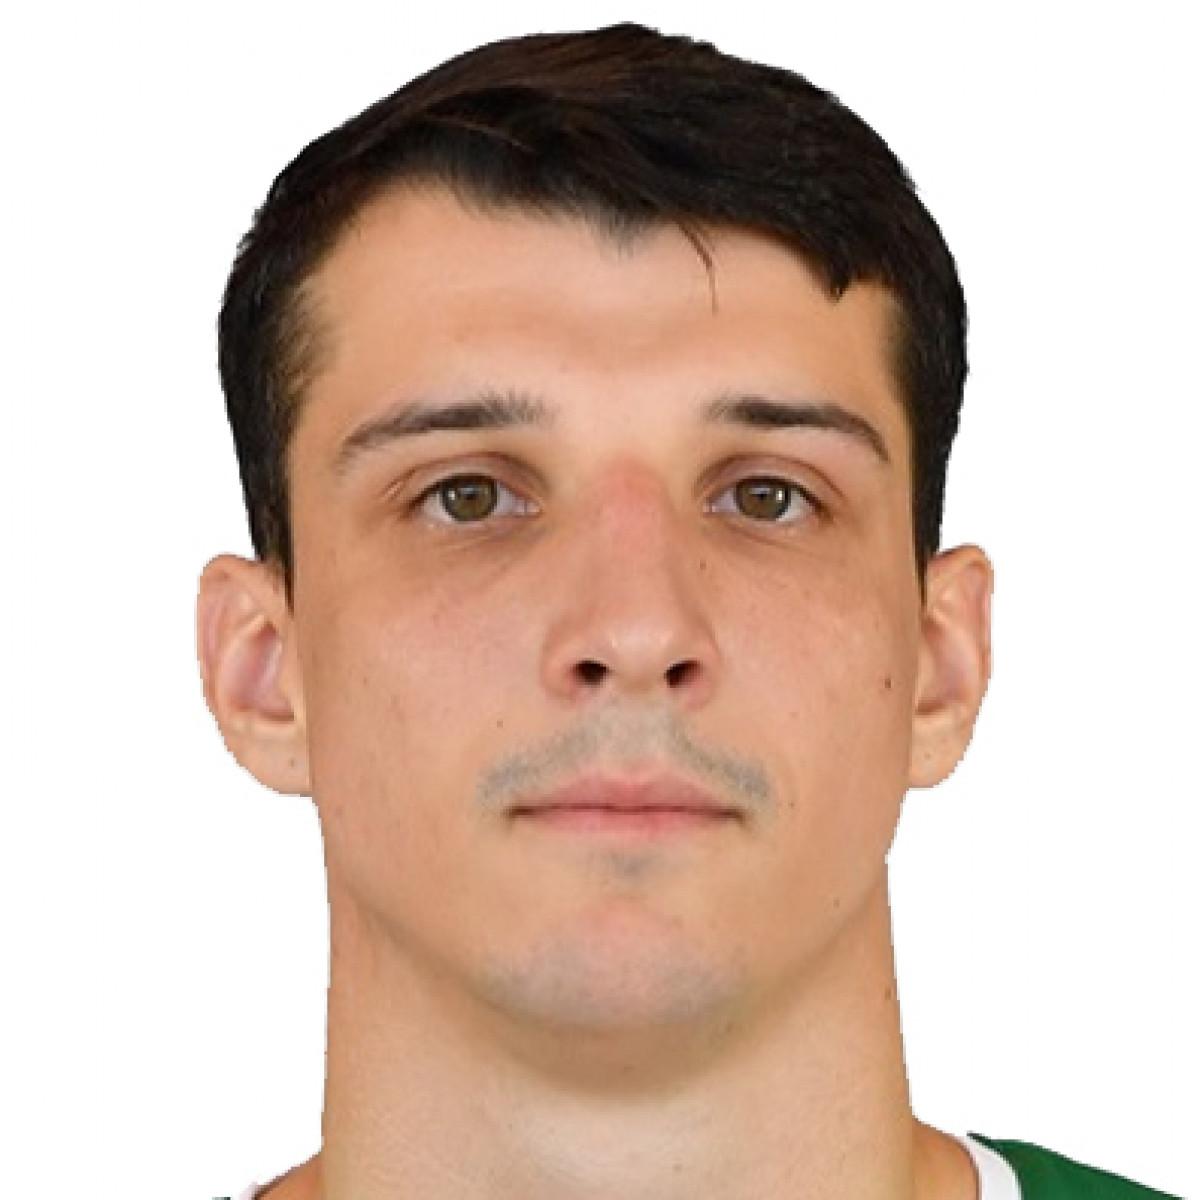 Artur Labinowicz